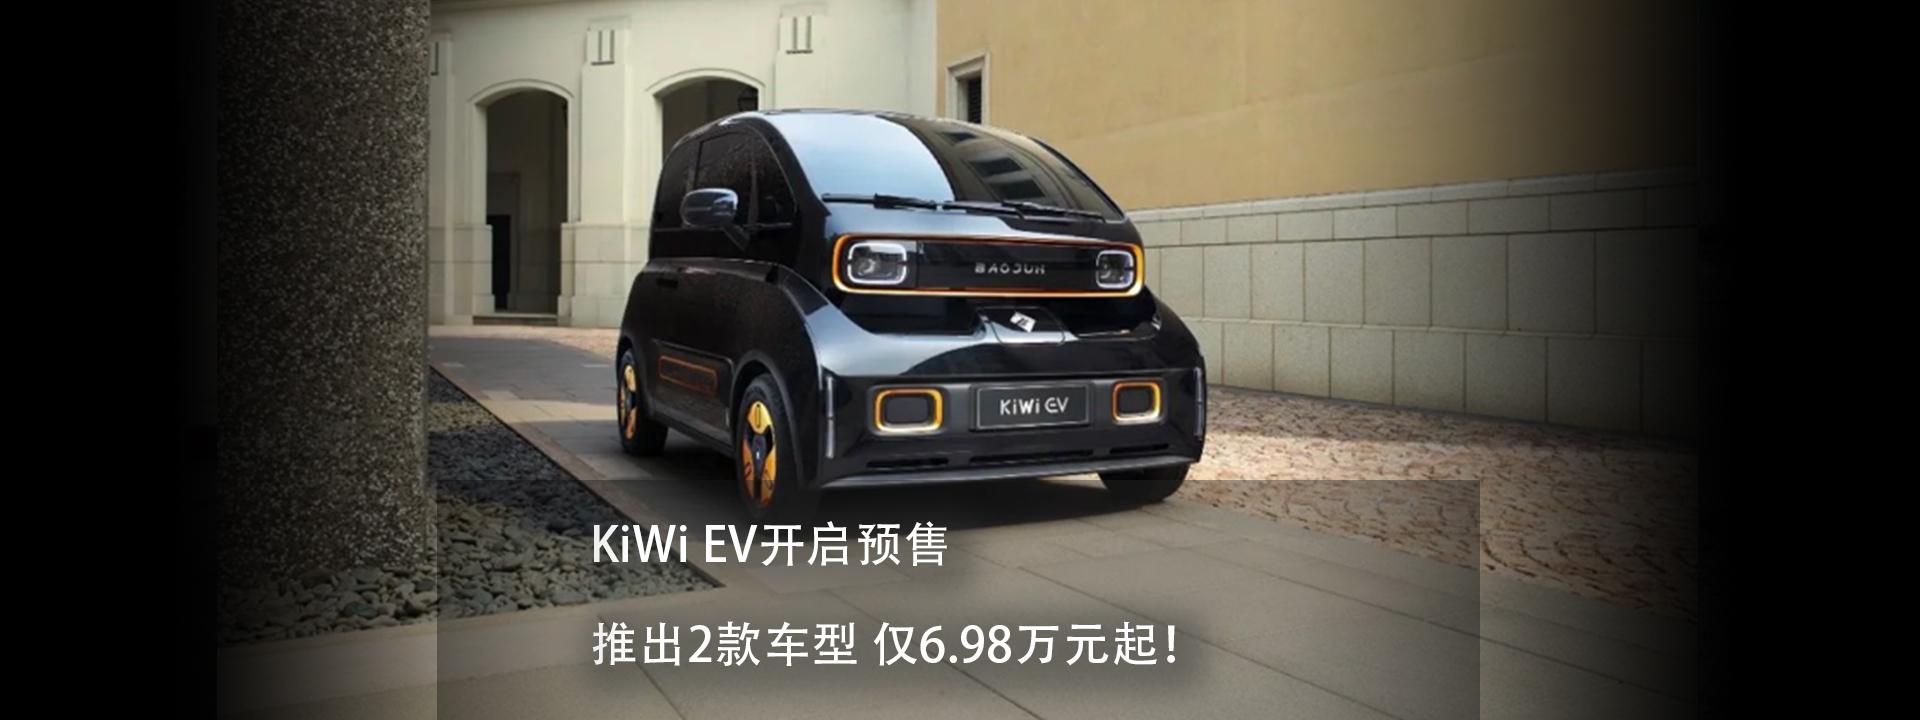 KiWi EV开启预售 推出2款车型 仅6.98万元起!